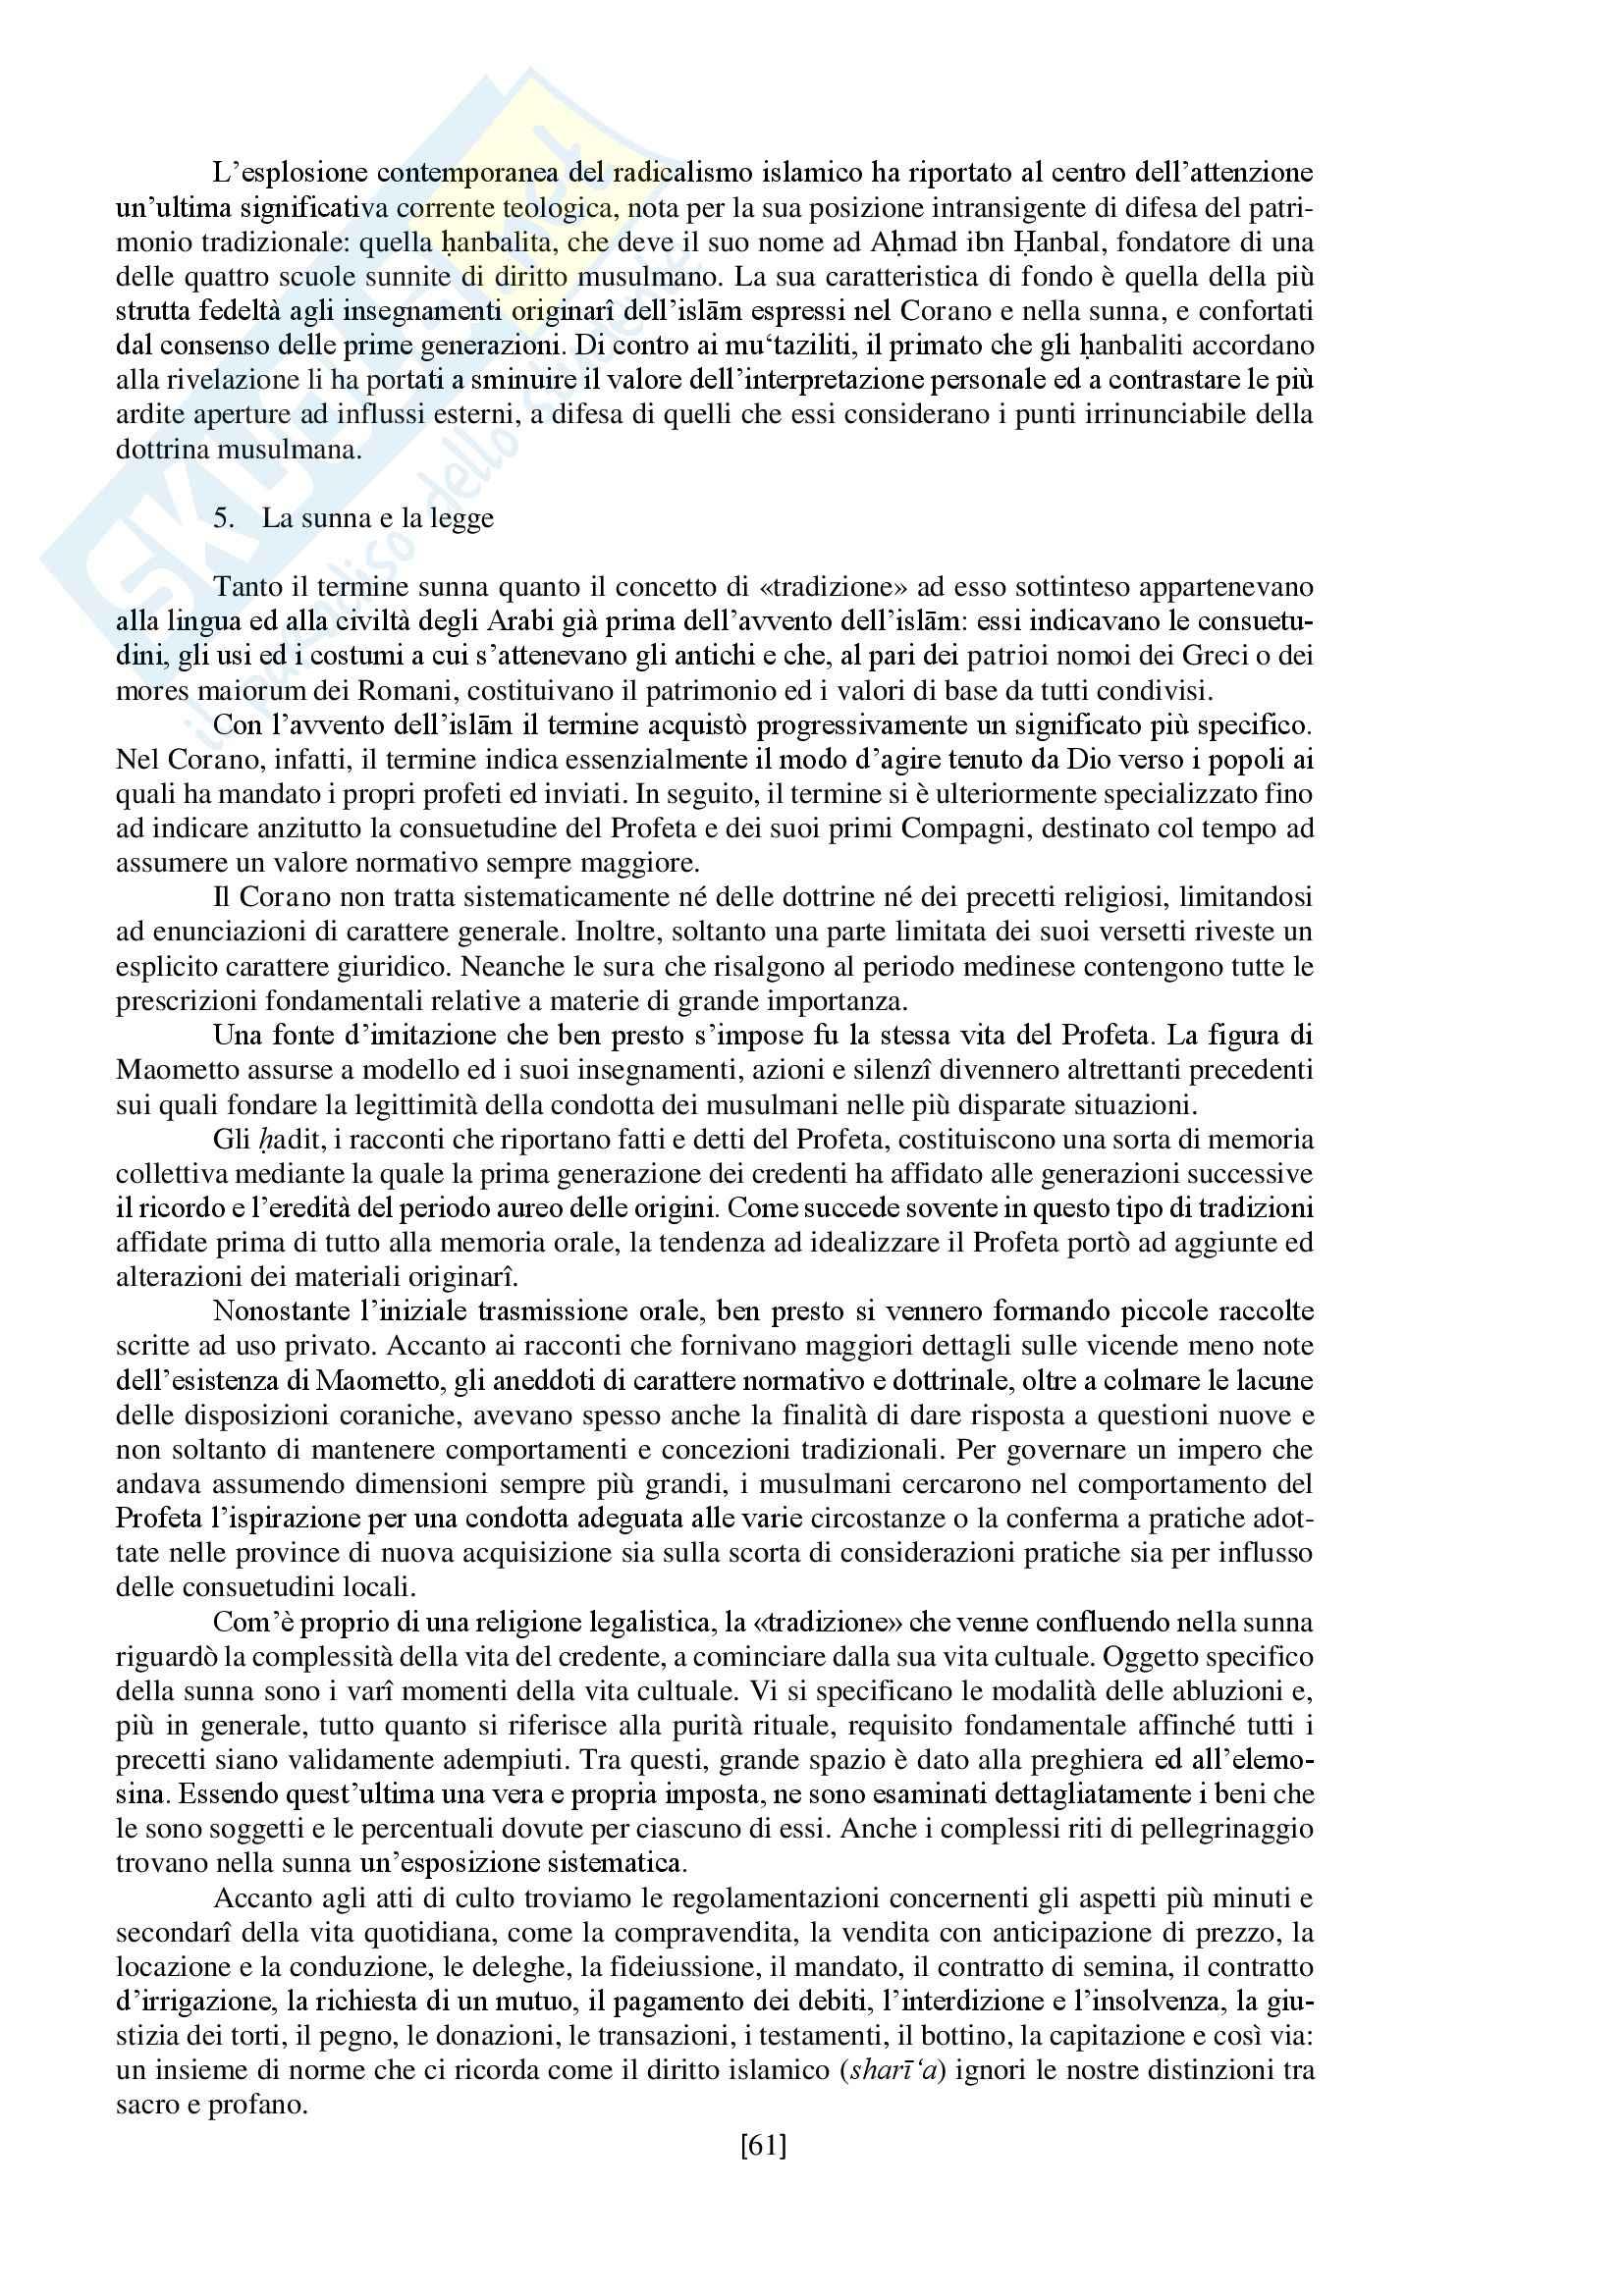 """Riassunto esame storia delle religioni, prof. Spineto, libro consigliato """"Manuale di storia delle religioni"""" di G. Filoramo, M. Massenzio, M. Raveri, P. Scarpi Pag. 61"""